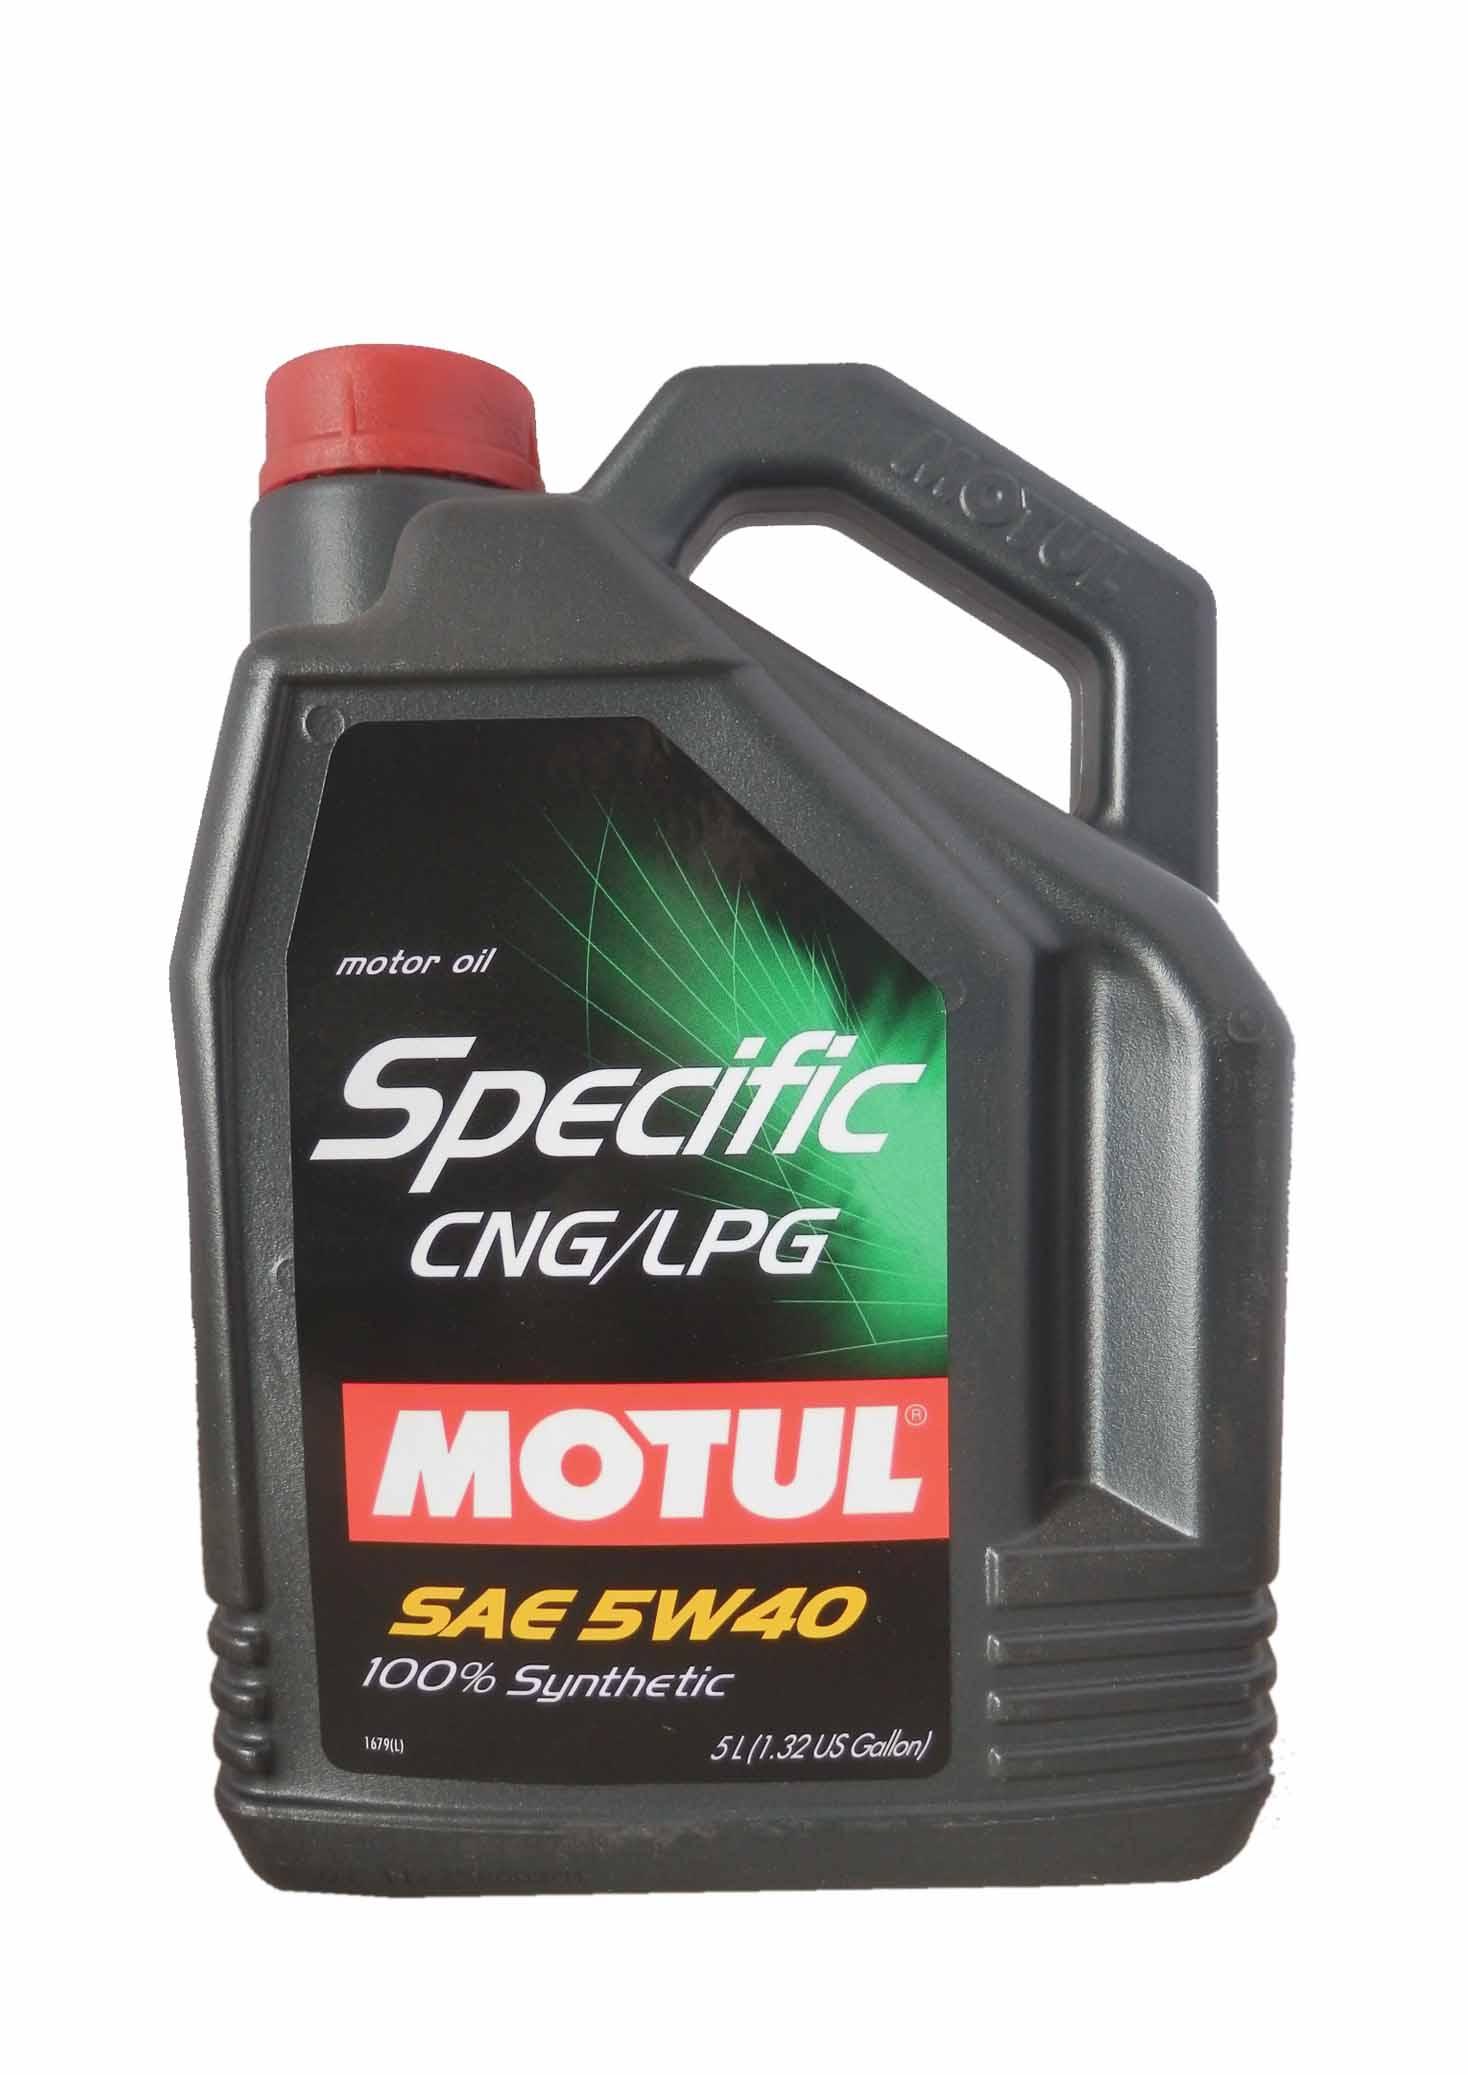 Specific CNG/LPG Motul 101719